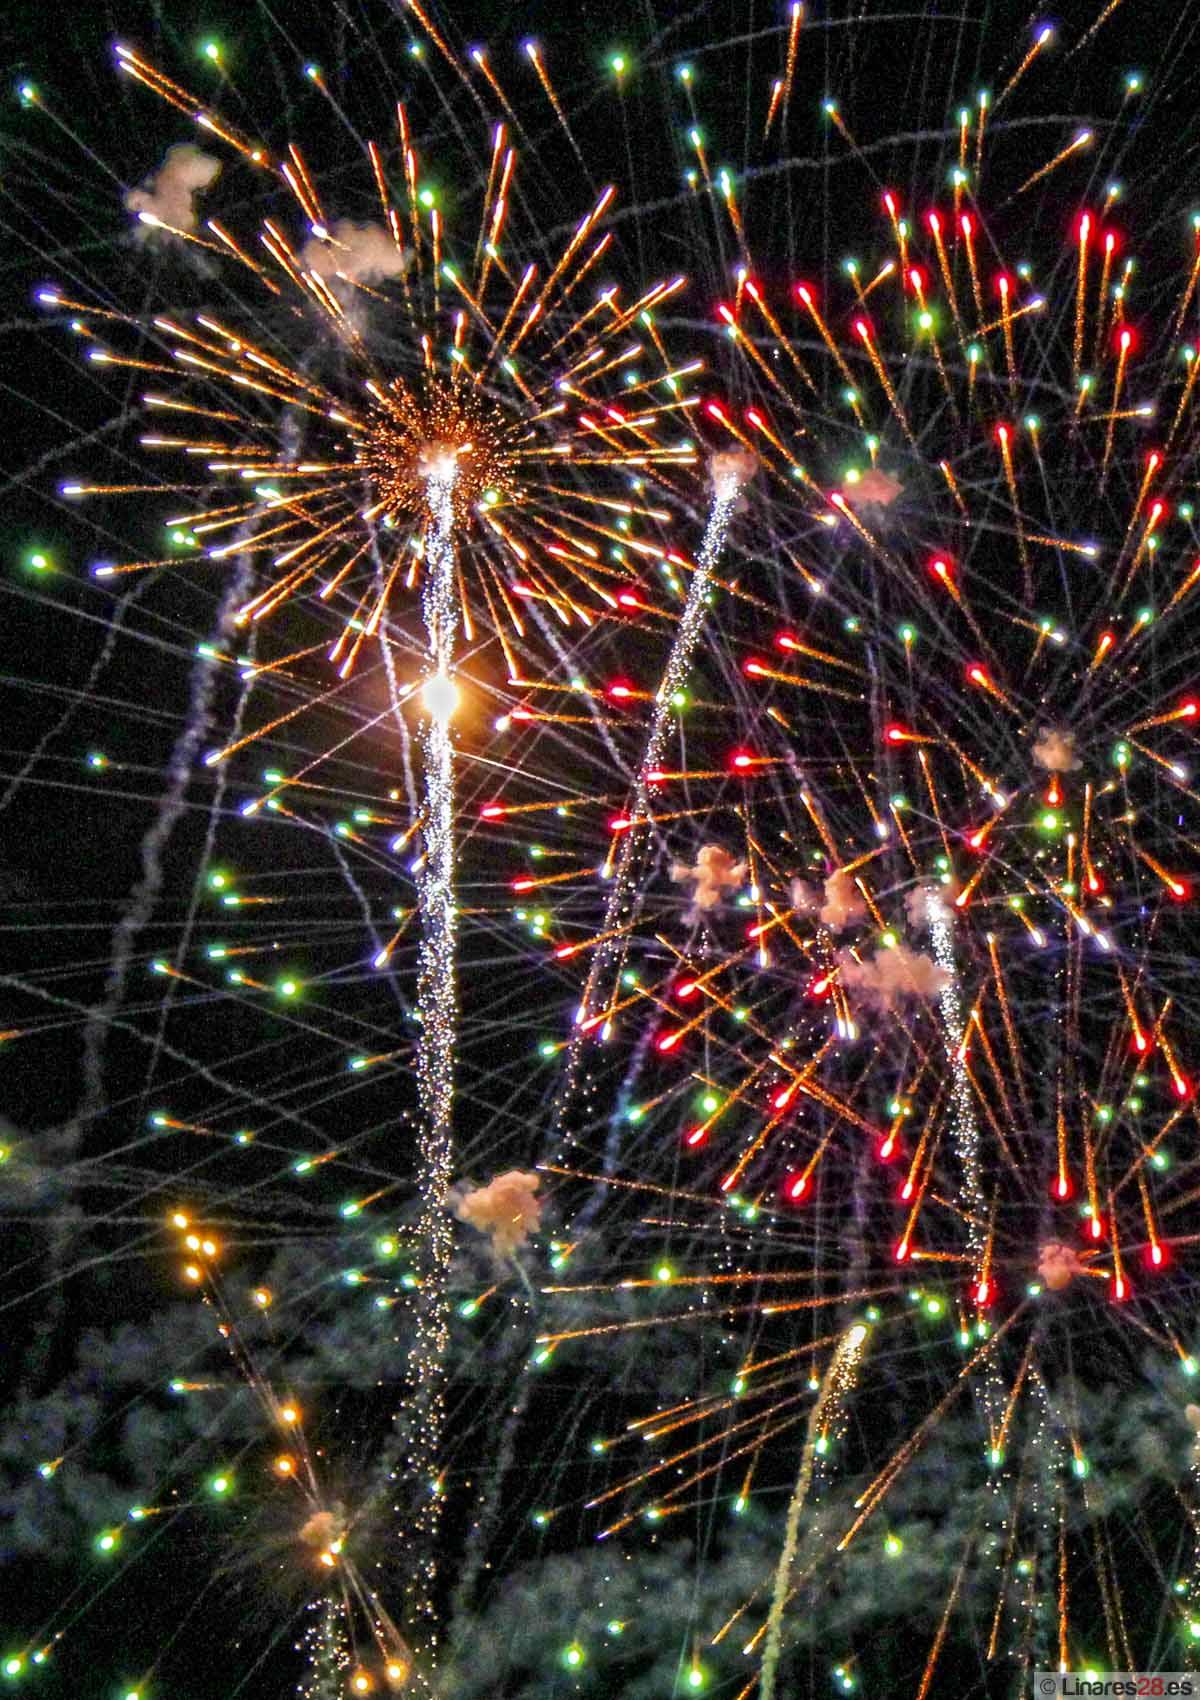 Fuego y música ponen el punto final a la Feria de Linares 2012